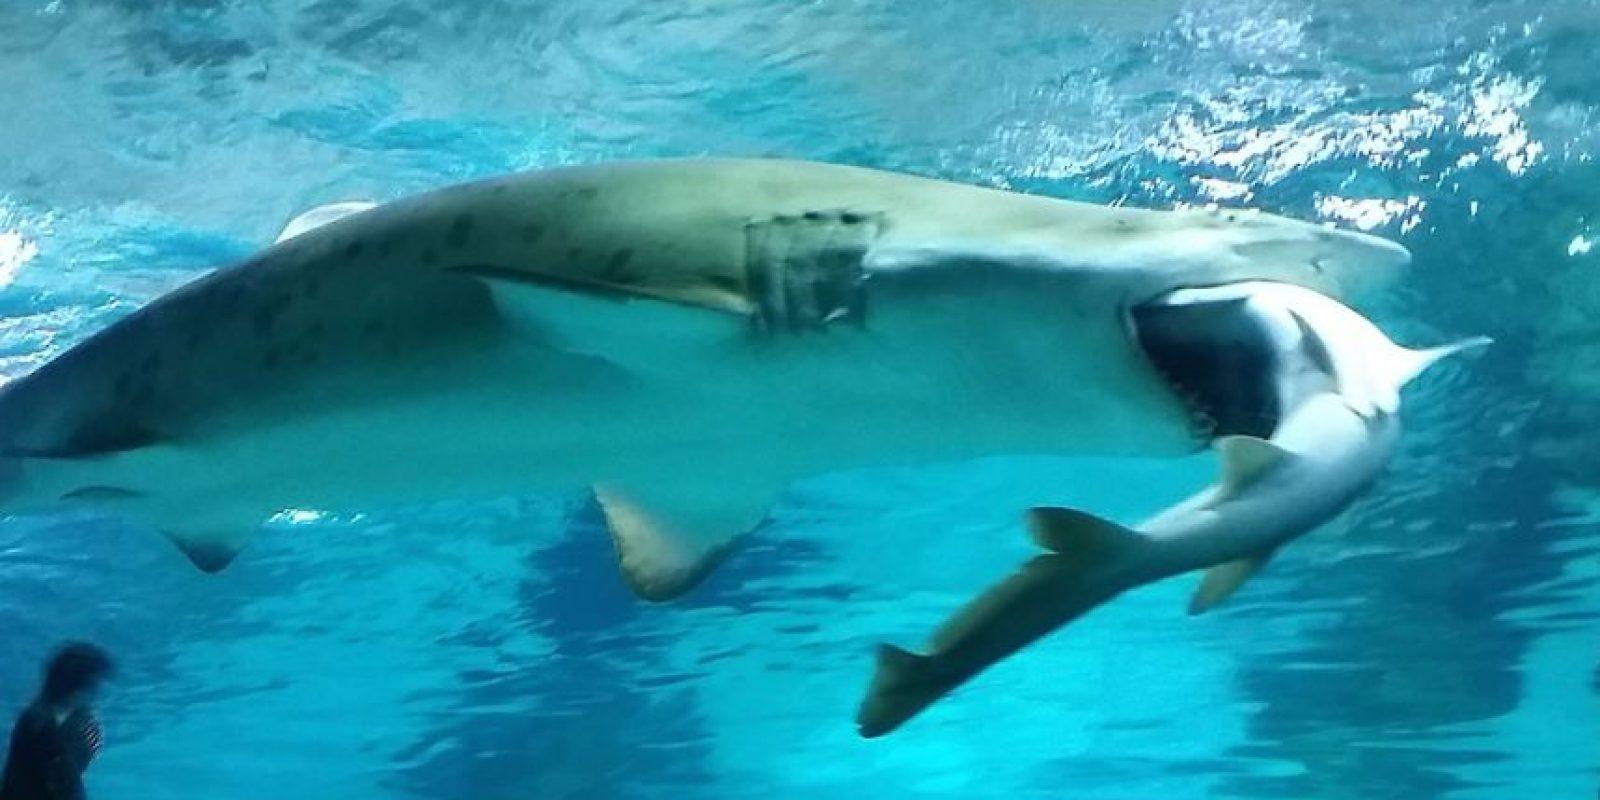 Algunas de las especies más grandes de tiburones son, de hecho, bastante inofensivos y prefieren las plantas. Foto:Getty Images. Imagen Por: